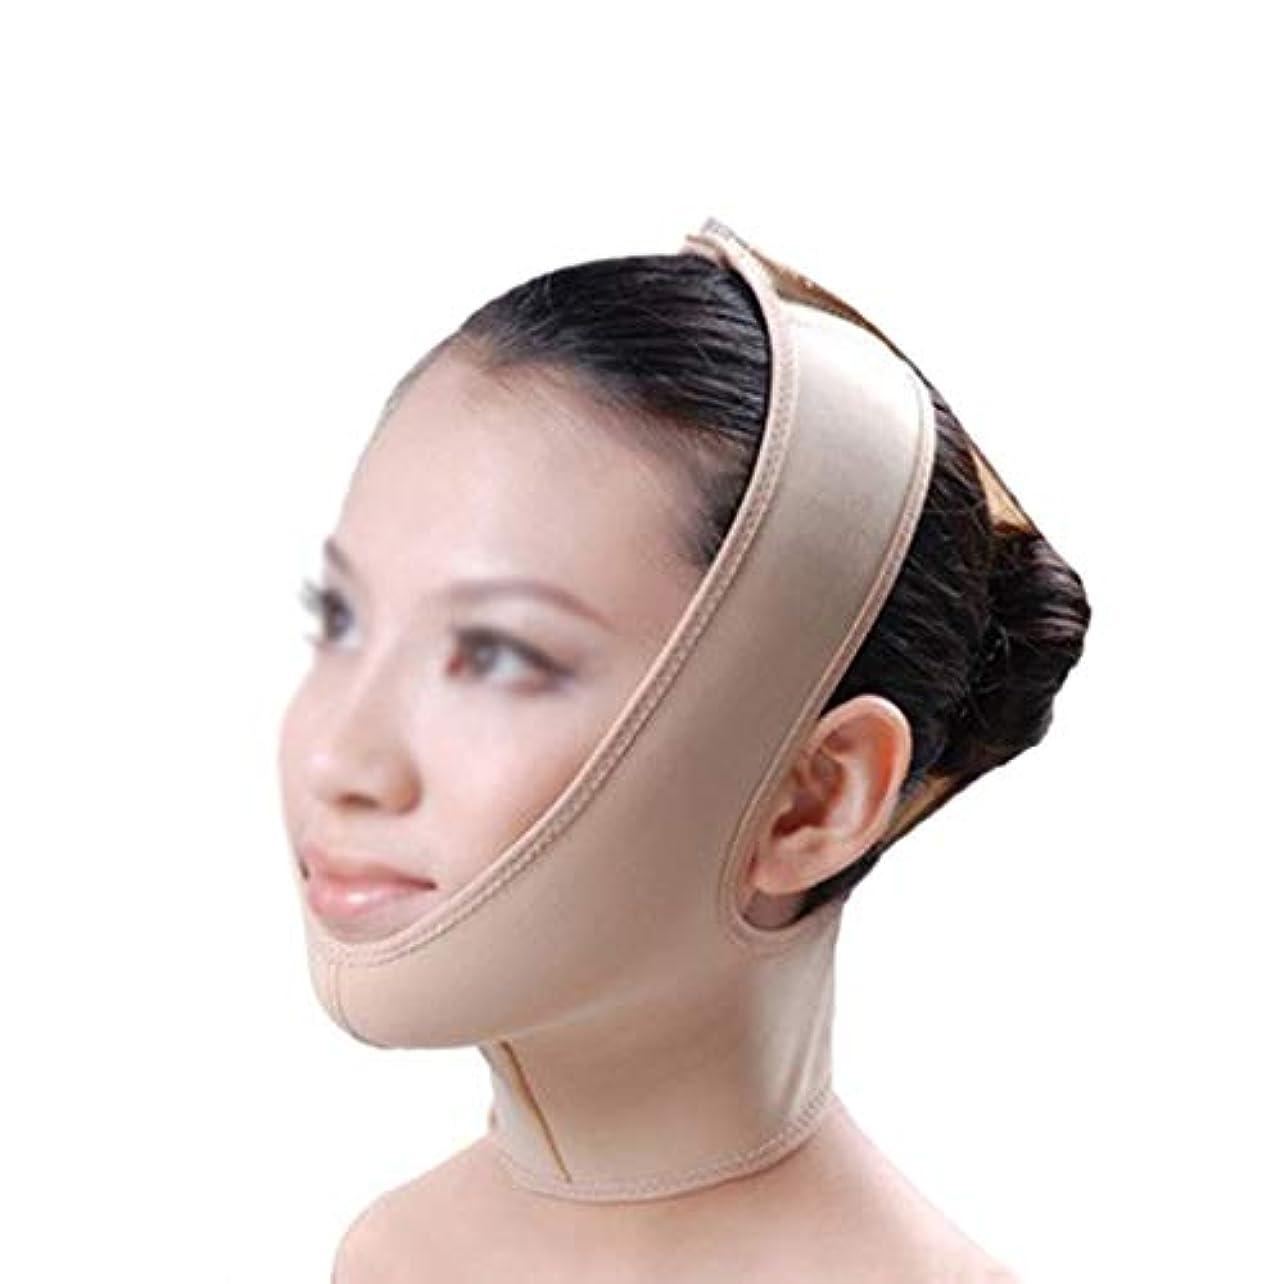 舗装する準備した明快ダブルチンストラップ、包帯リフト、引き締めフェイシャルリフト、フェイシャル減量マスク、リフティングスキン包帯,男性と女性の両方が使用できます (Size : M)